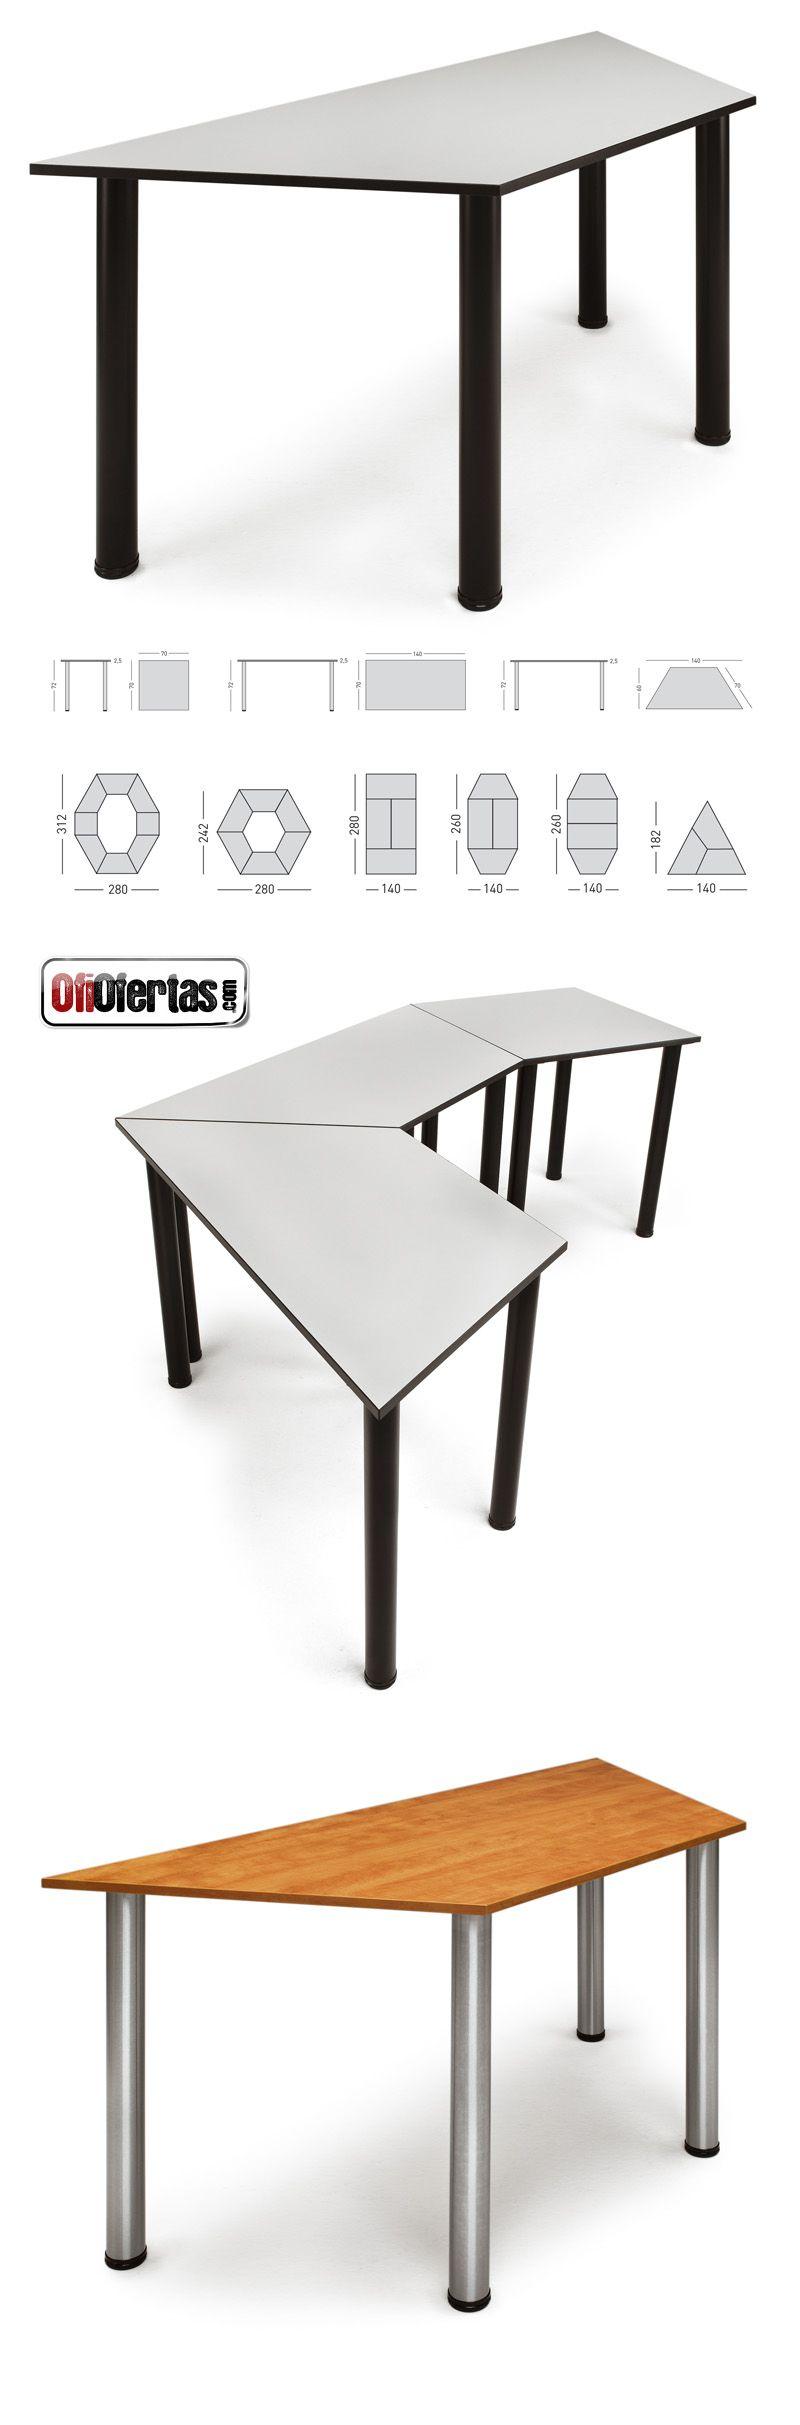 Mobiliario de oficina mobiliario for Mobiliario modular para oficina